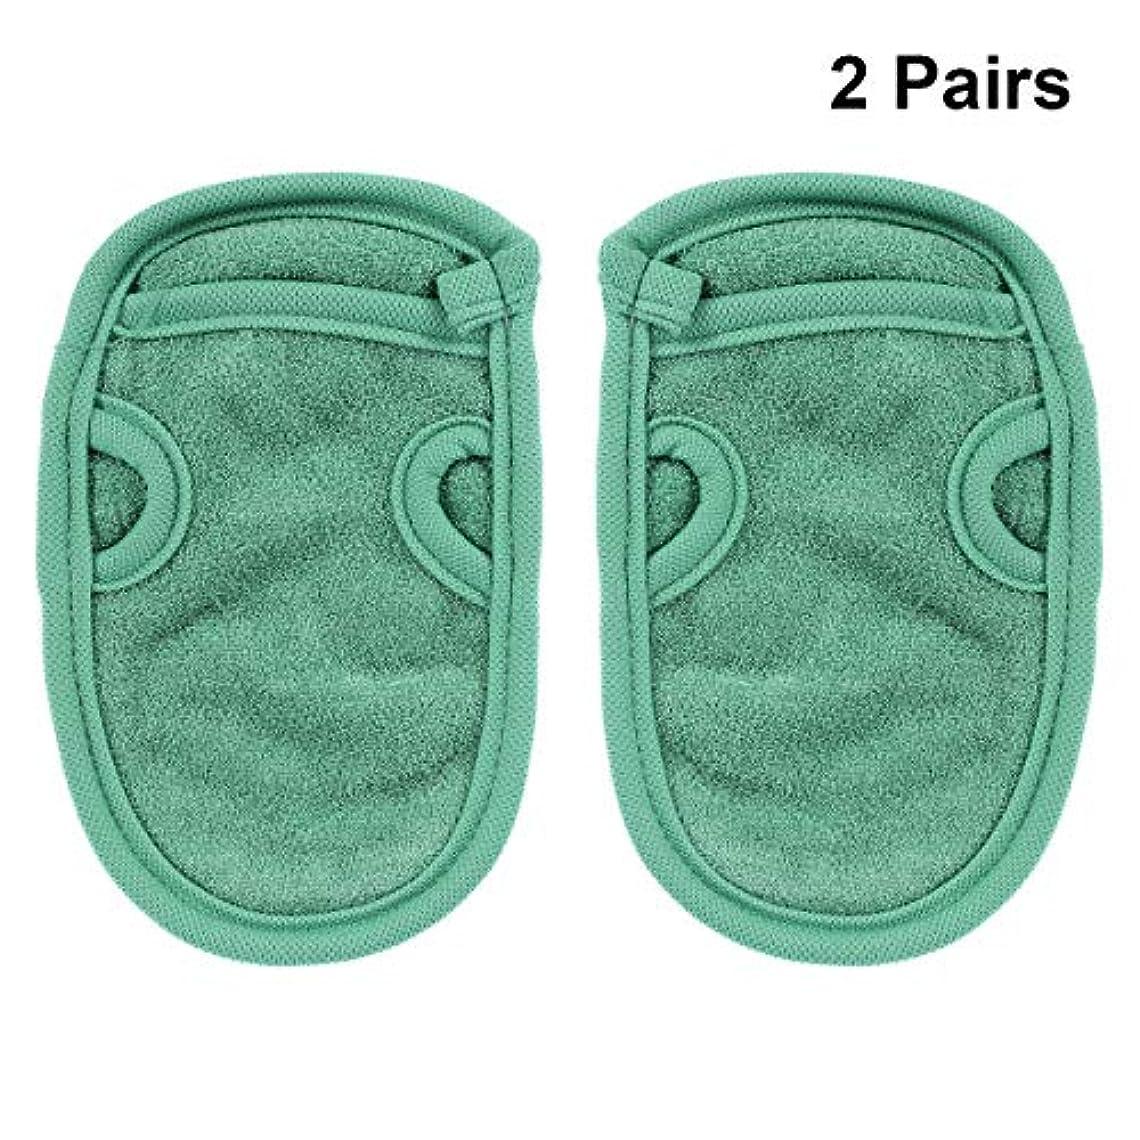 怒ってかすかな冷笑するHEALIFTY 4本入浴手袋エクスフォリエイティンググローブスパグローブシャワーグローブフェイシャルグローブバスボディスクラブシャワーグローブボディスパ(グリーン)